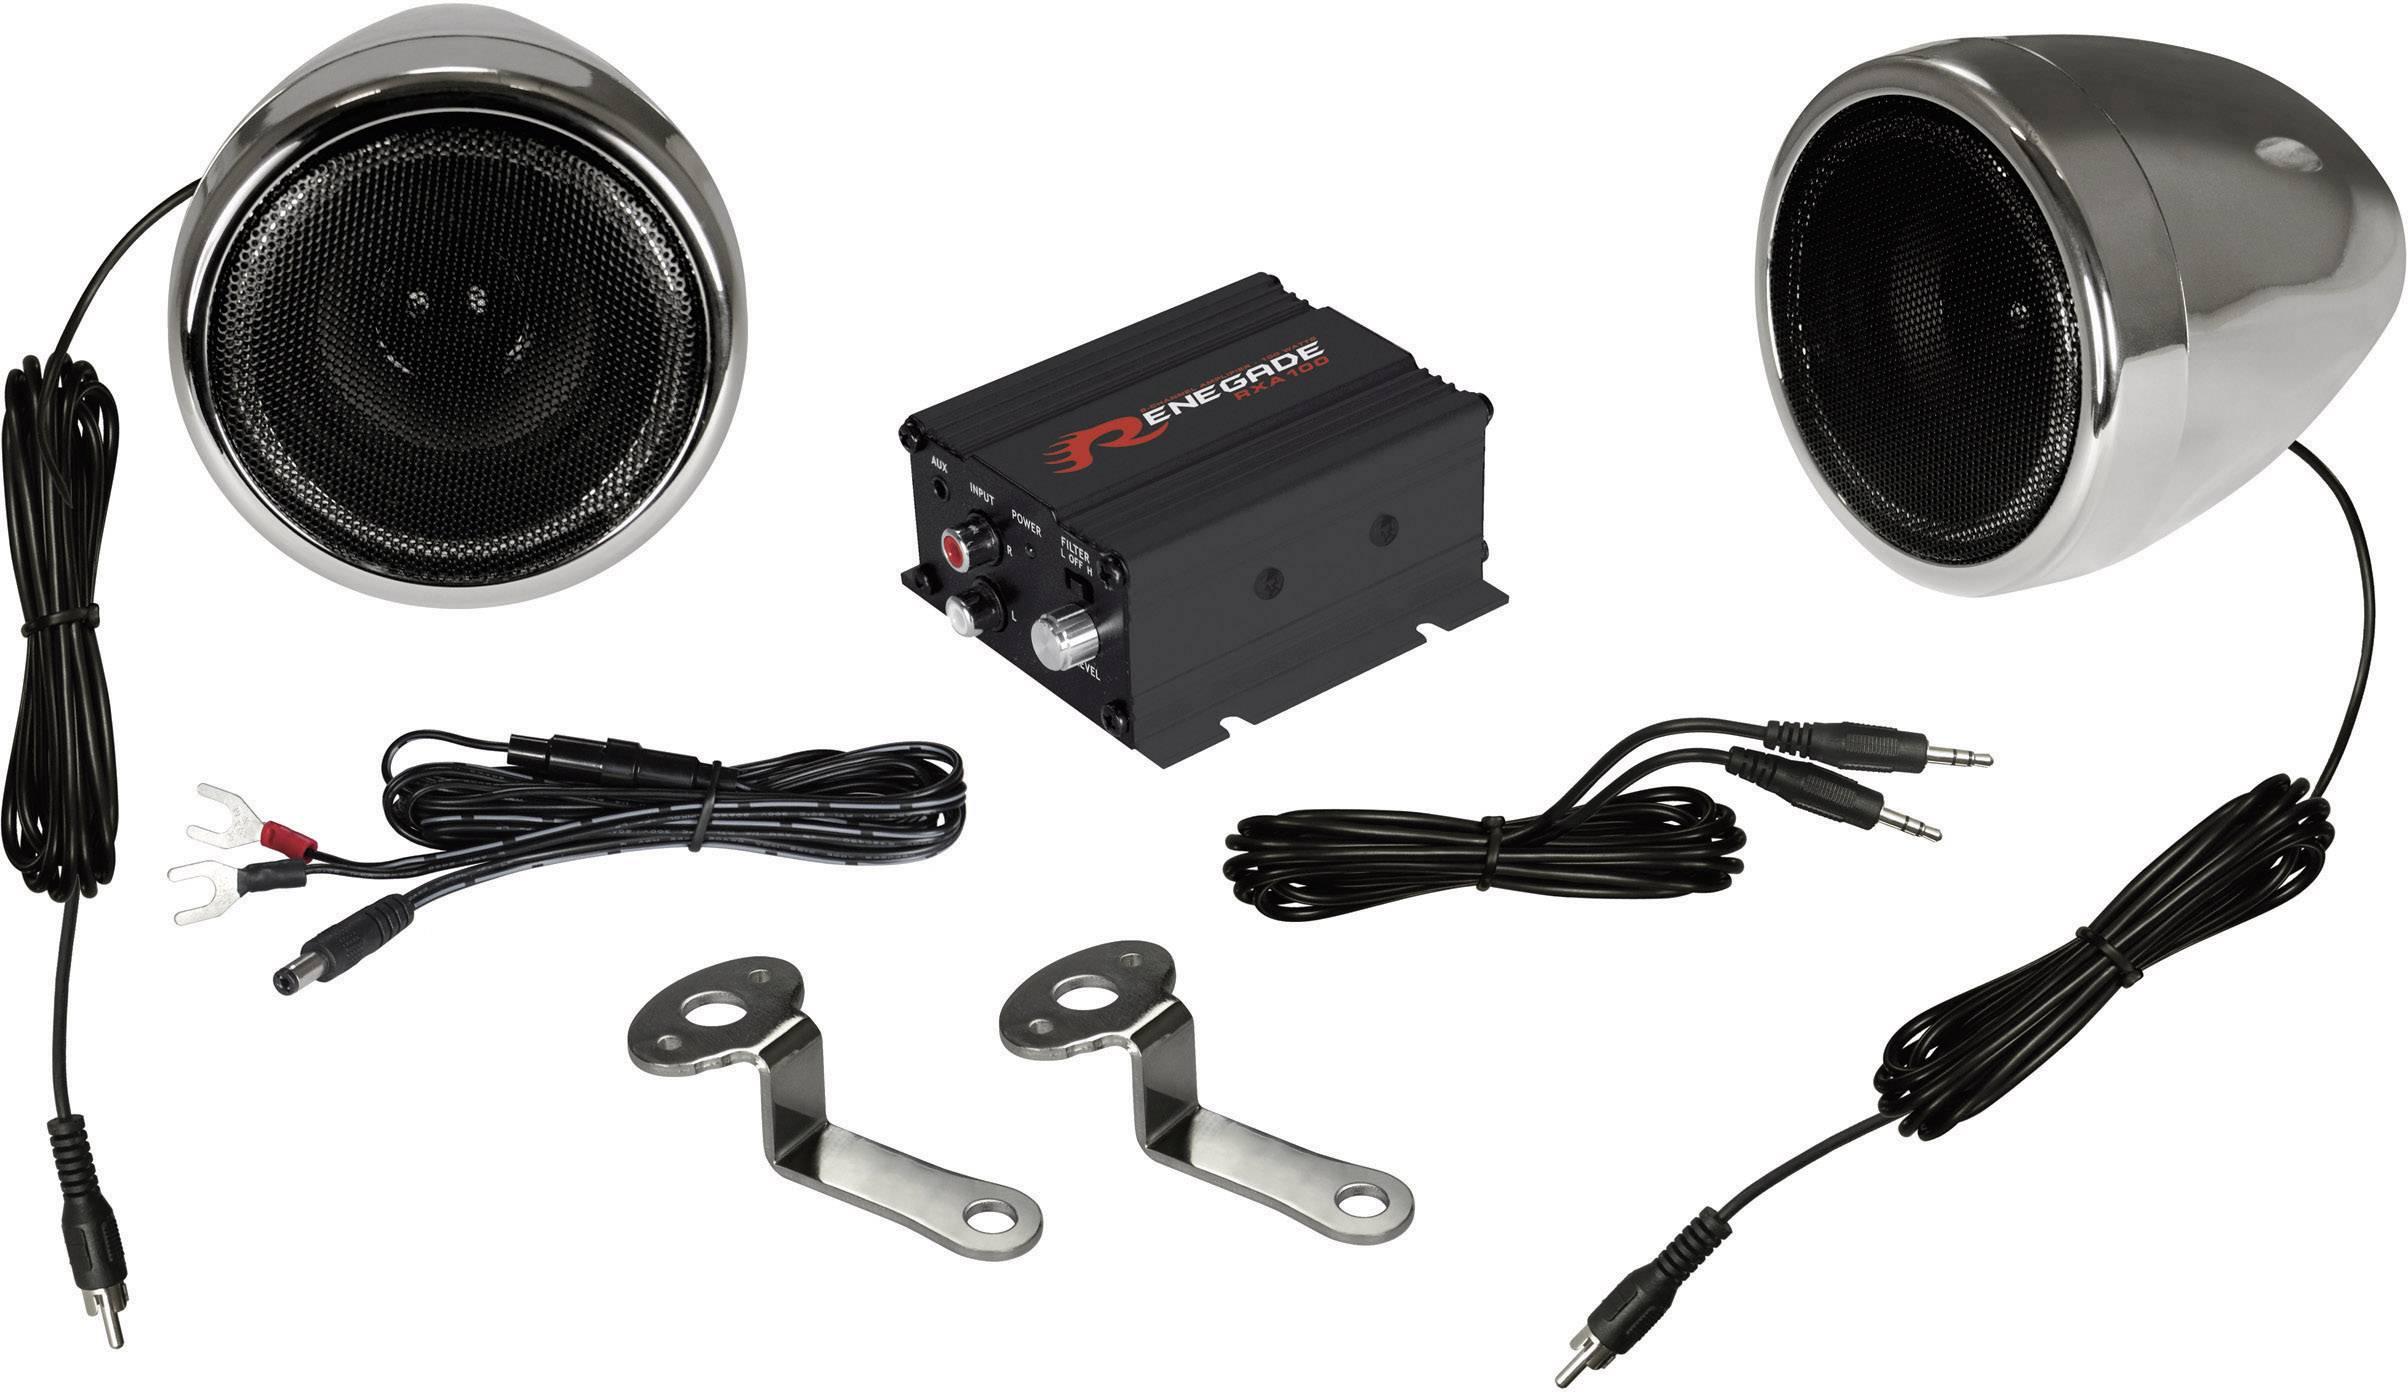 Sada 2cestných reproduktorov Renegade RXA100C, 100 W, 1 pár